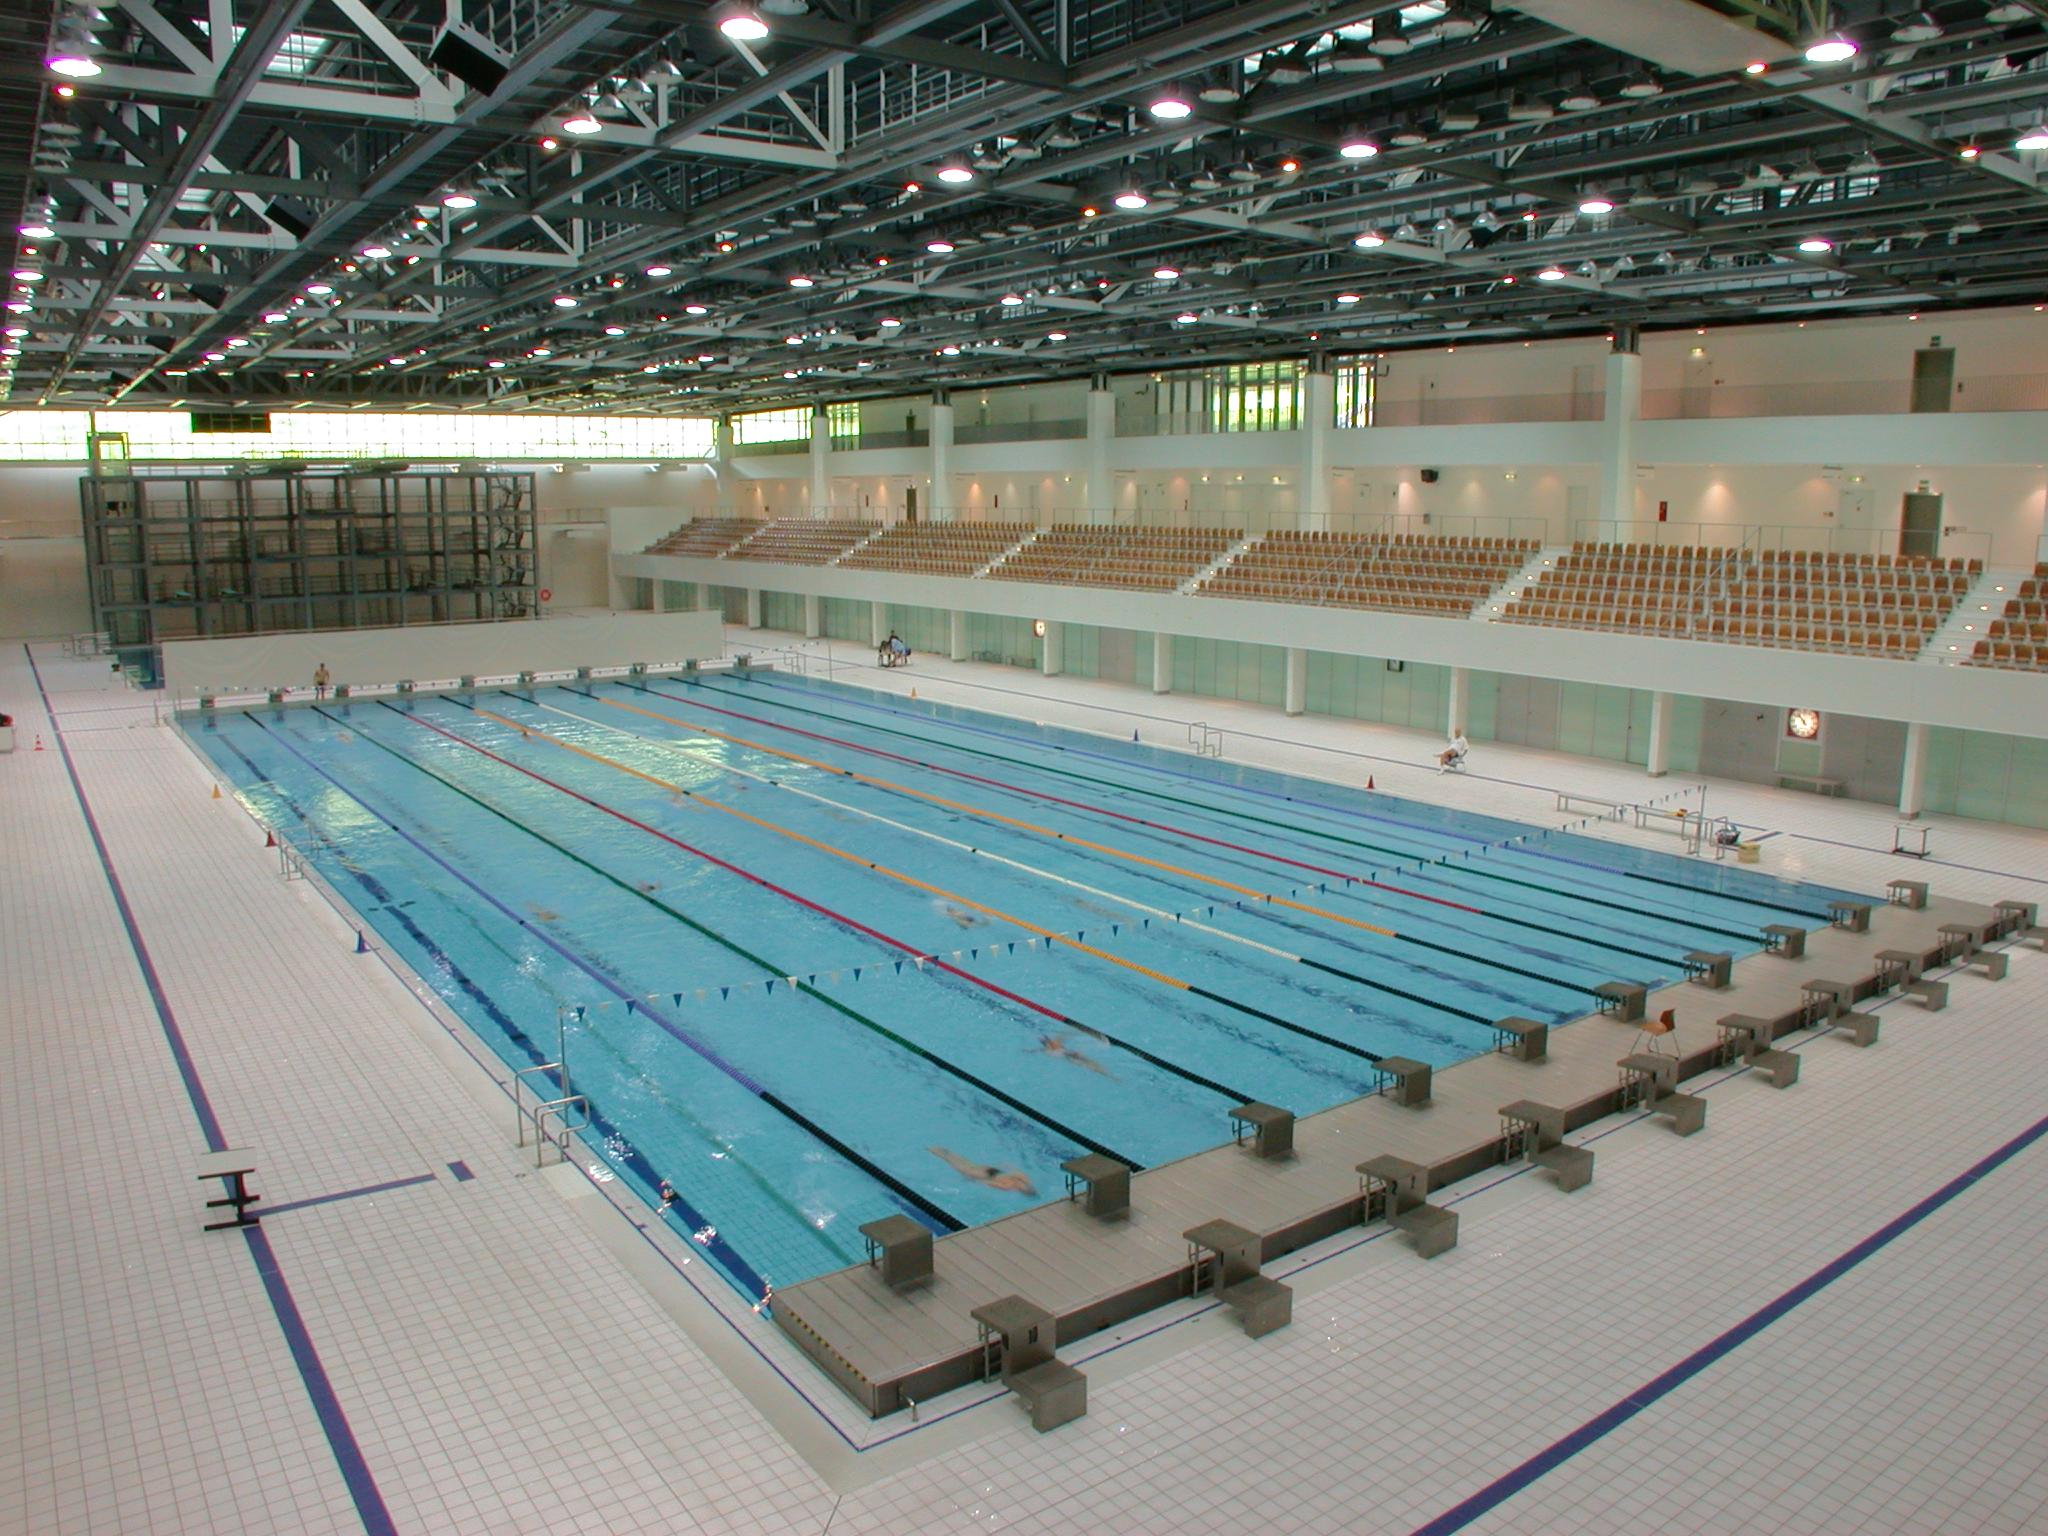 sse schwimm und sprunghalle im europapark schwimmbad. Black Bedroom Furniture Sets. Home Design Ideas